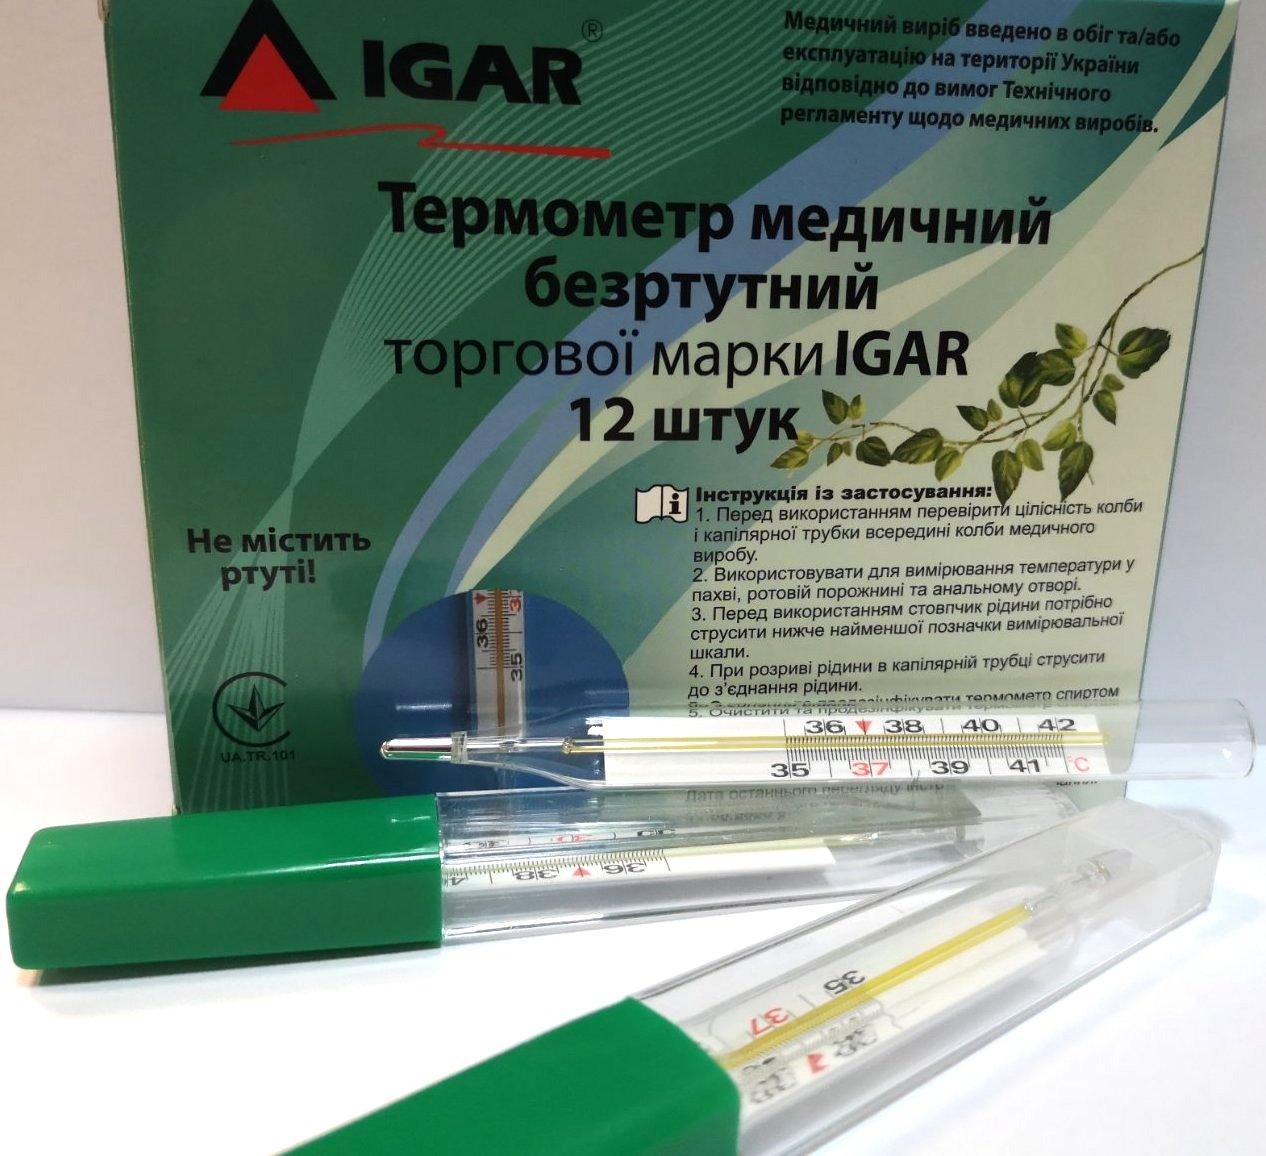 Термометр медичний безртутний торгової марки IGAR